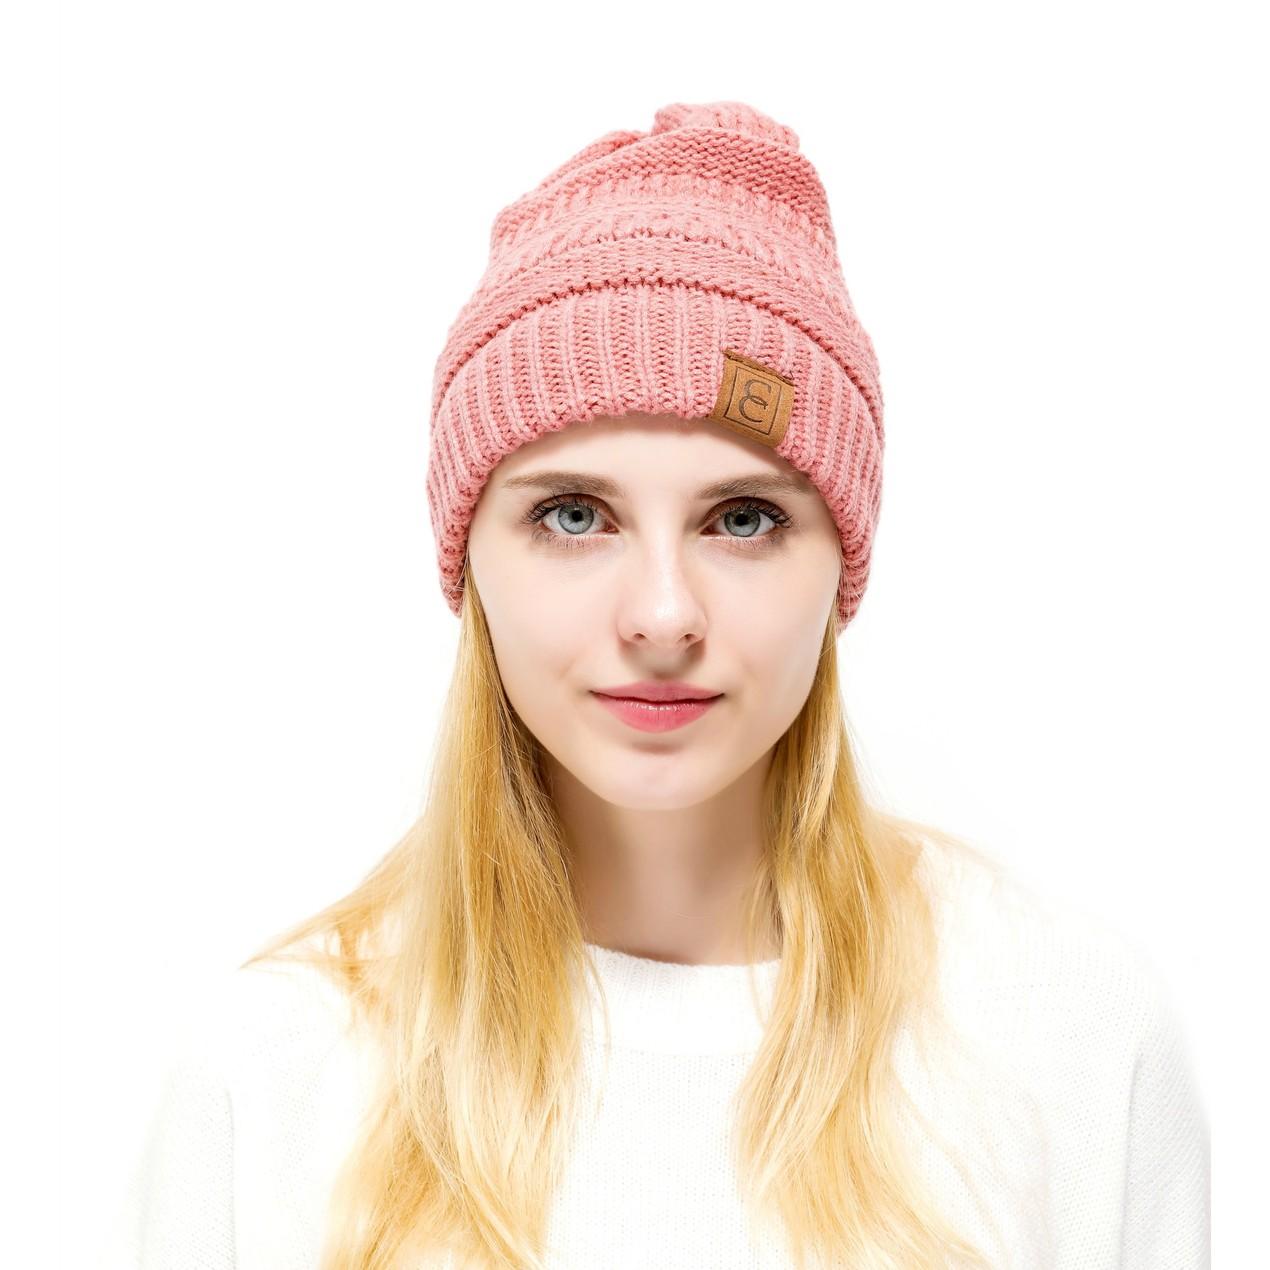 CC Chic Winter Beanie - Tanga 31c841a3d5d